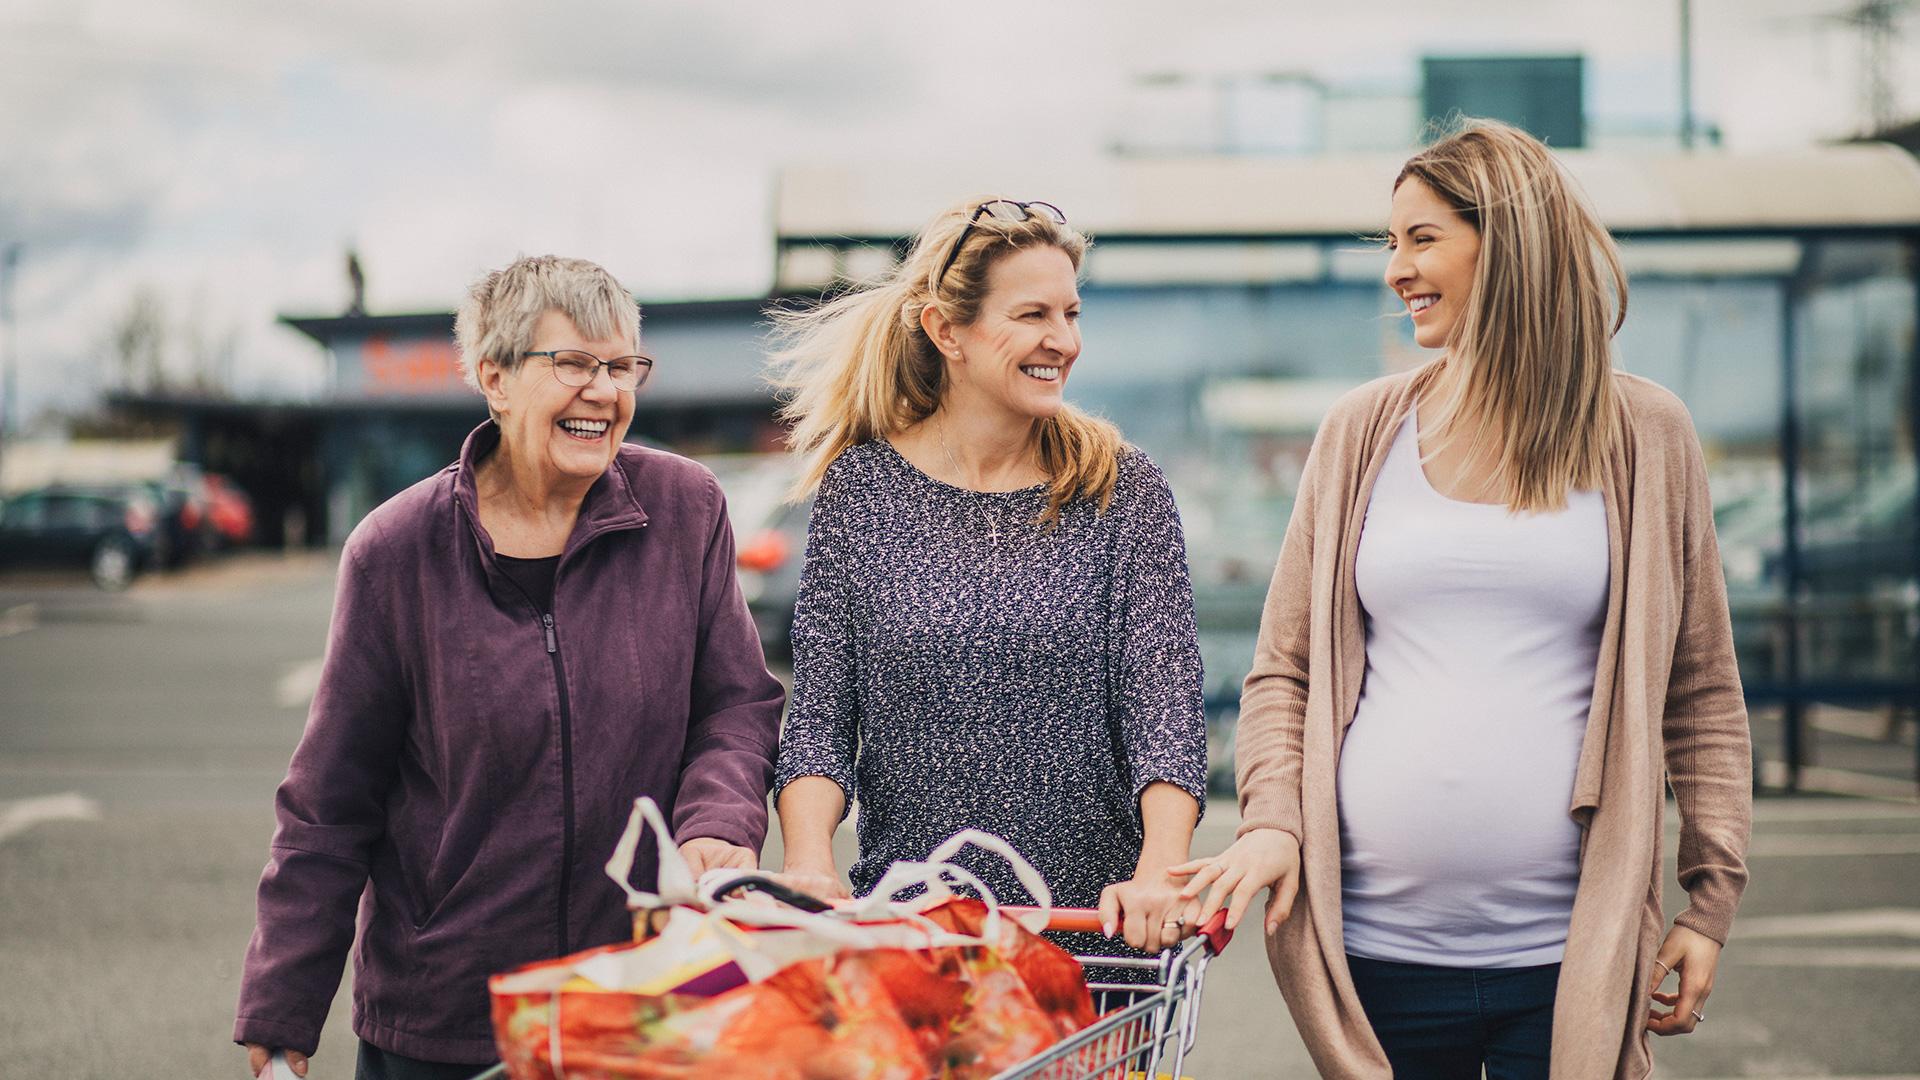 Une femme d'âge mûr, une femme d'âge moyen et une femme enceinte qui font les courses